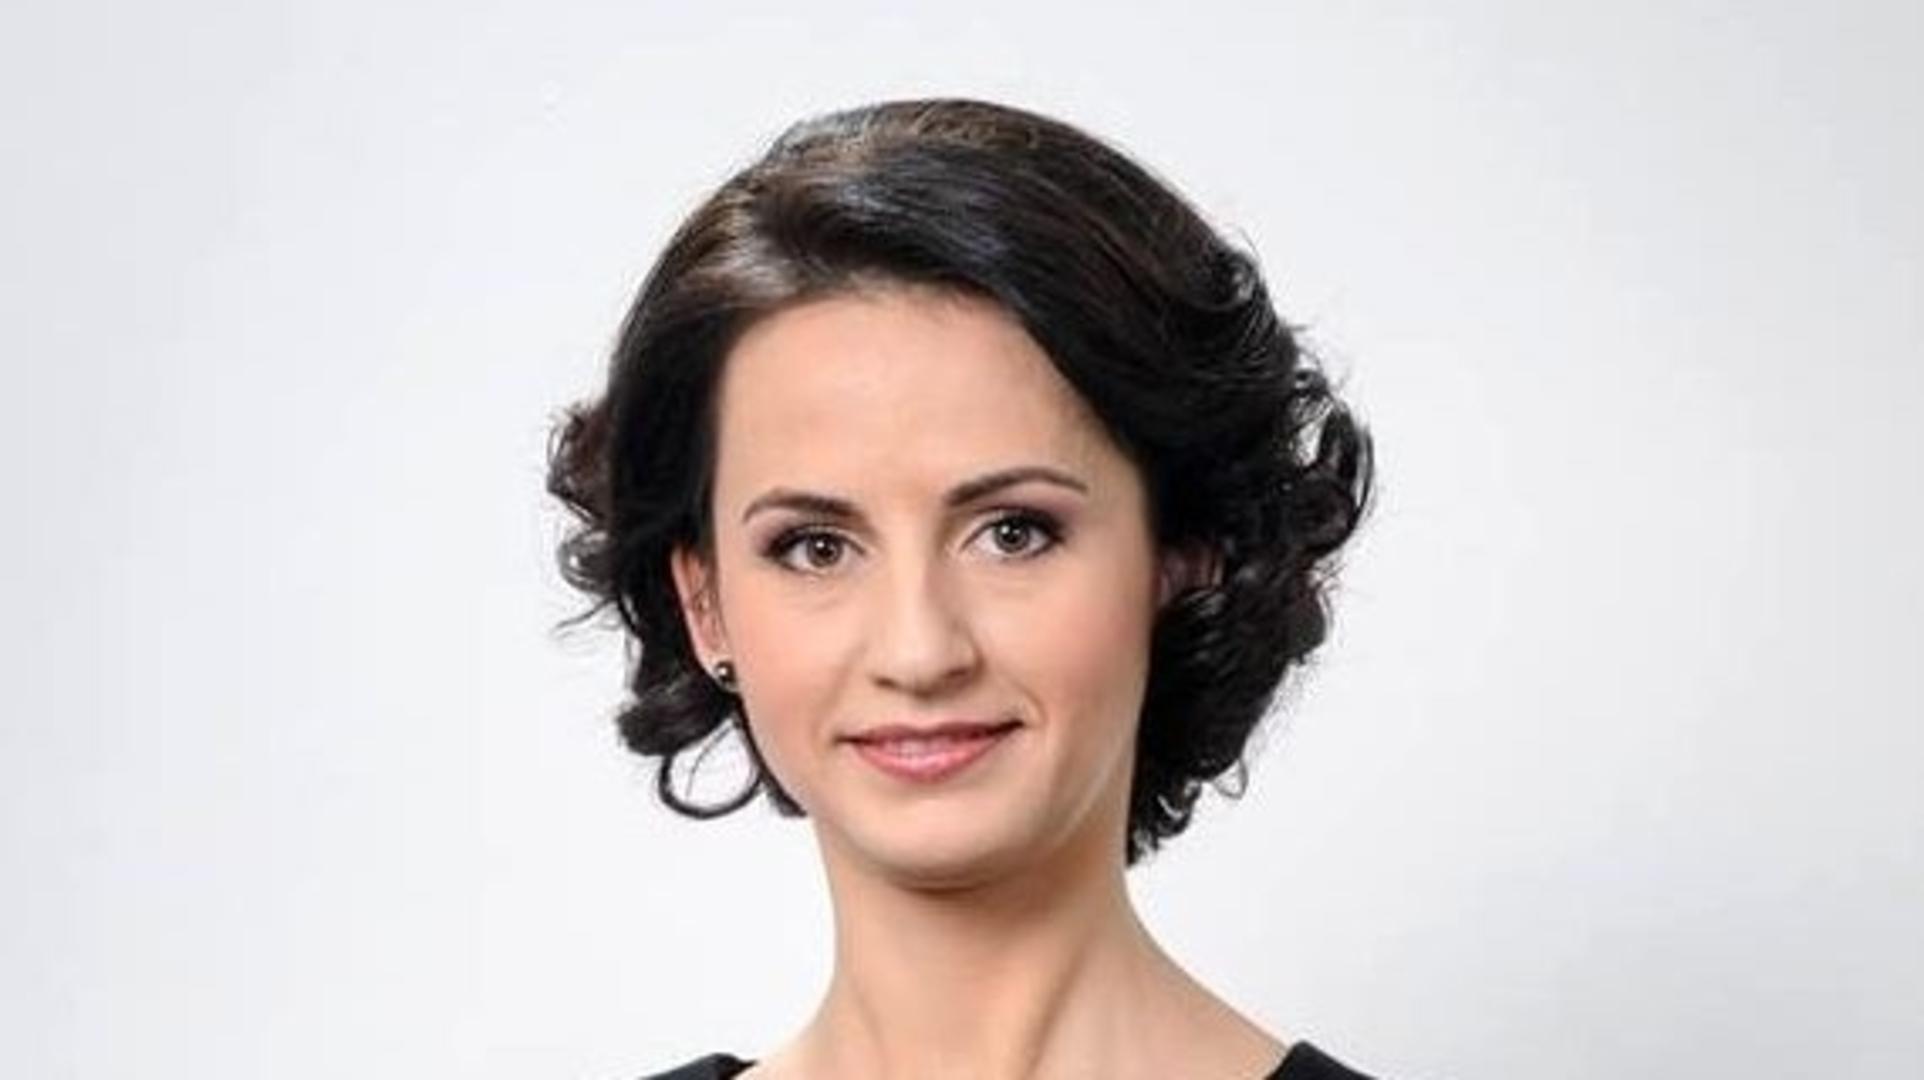 O fostă prezentatoare TV, condamnată la 5 ani de închisoare. Ce acuzații i s-au adus